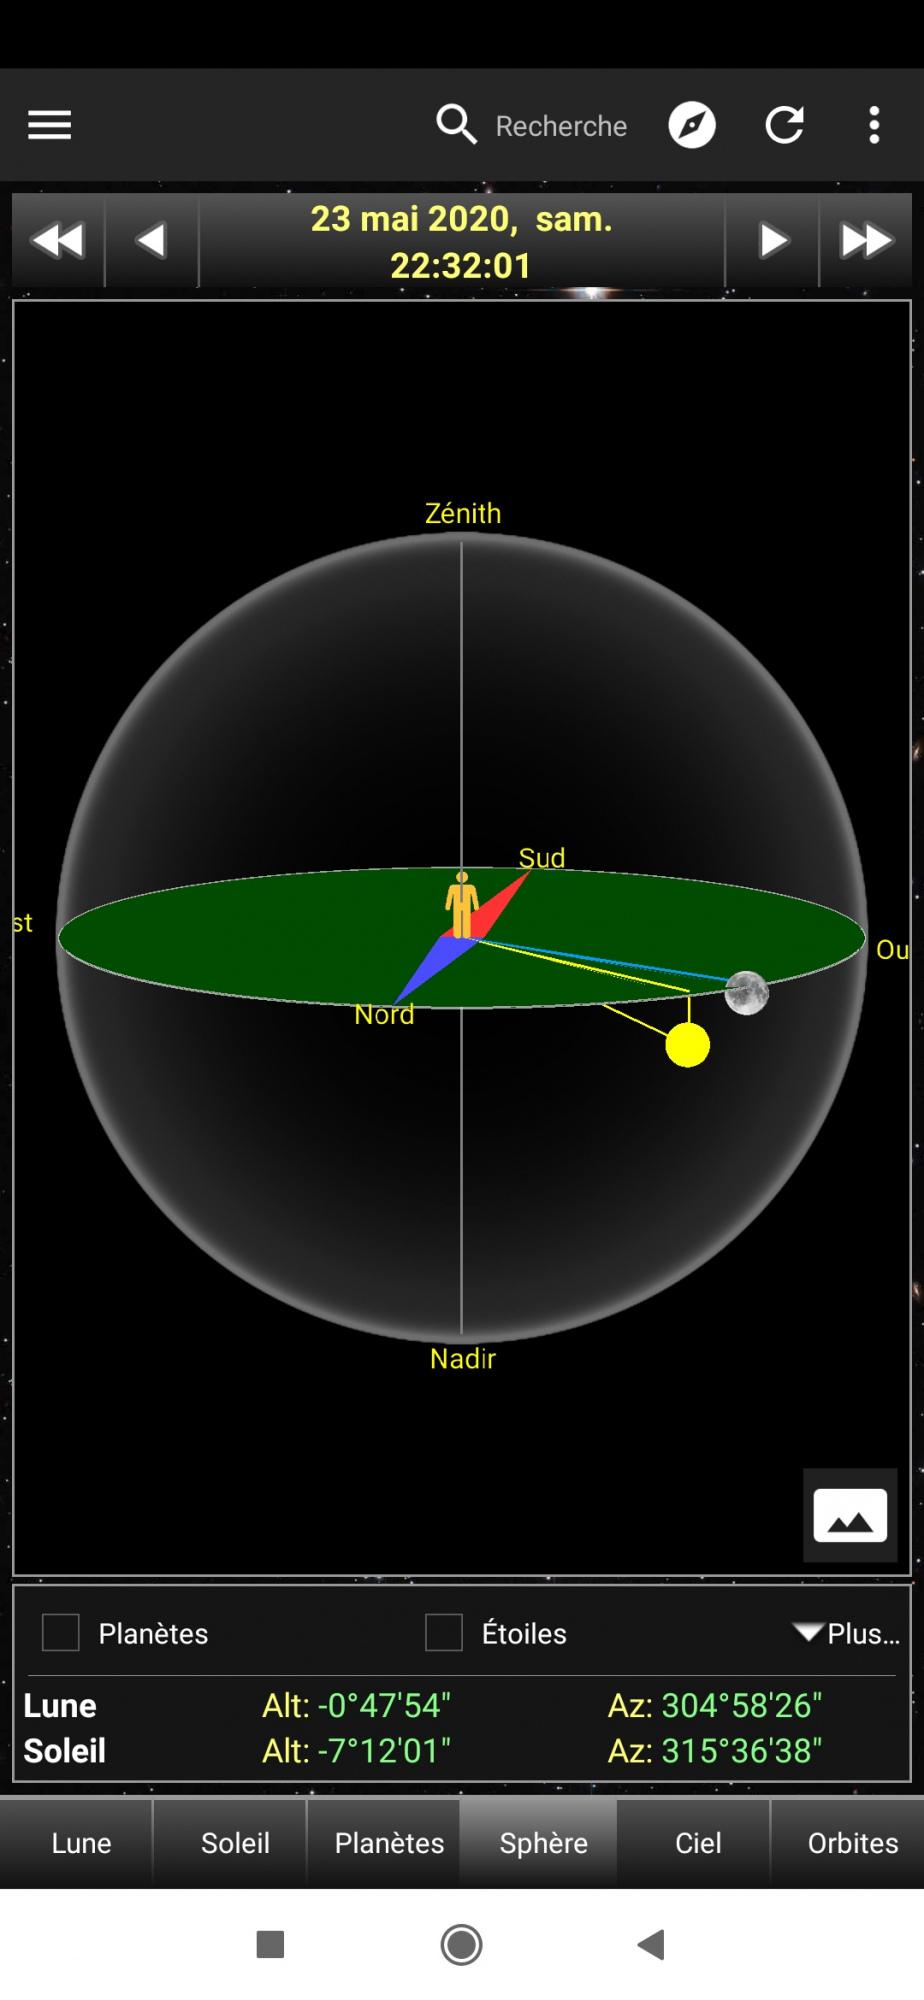 Screenshot_2020-05-23-22-32-48-069_com.dafftin.android.moon_phase.thumb.jpg.295d23d433de582808dd7d67aefb39e9.jpg